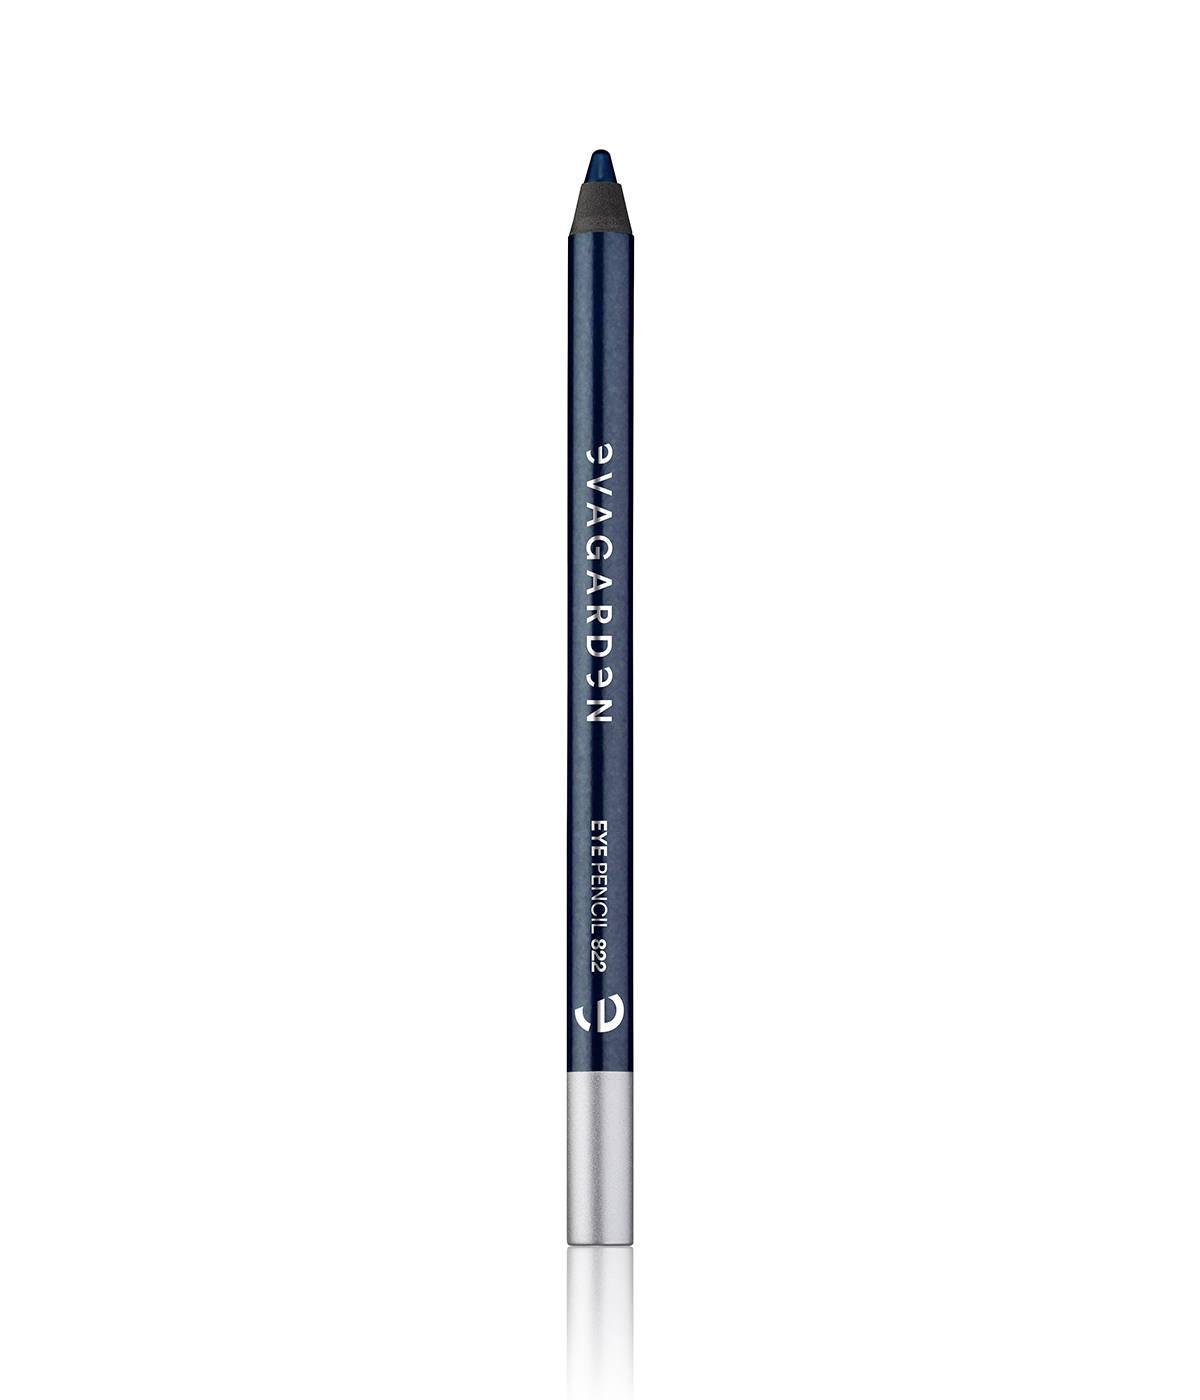 Sinergia Makeup tienda online de cosmética profesional